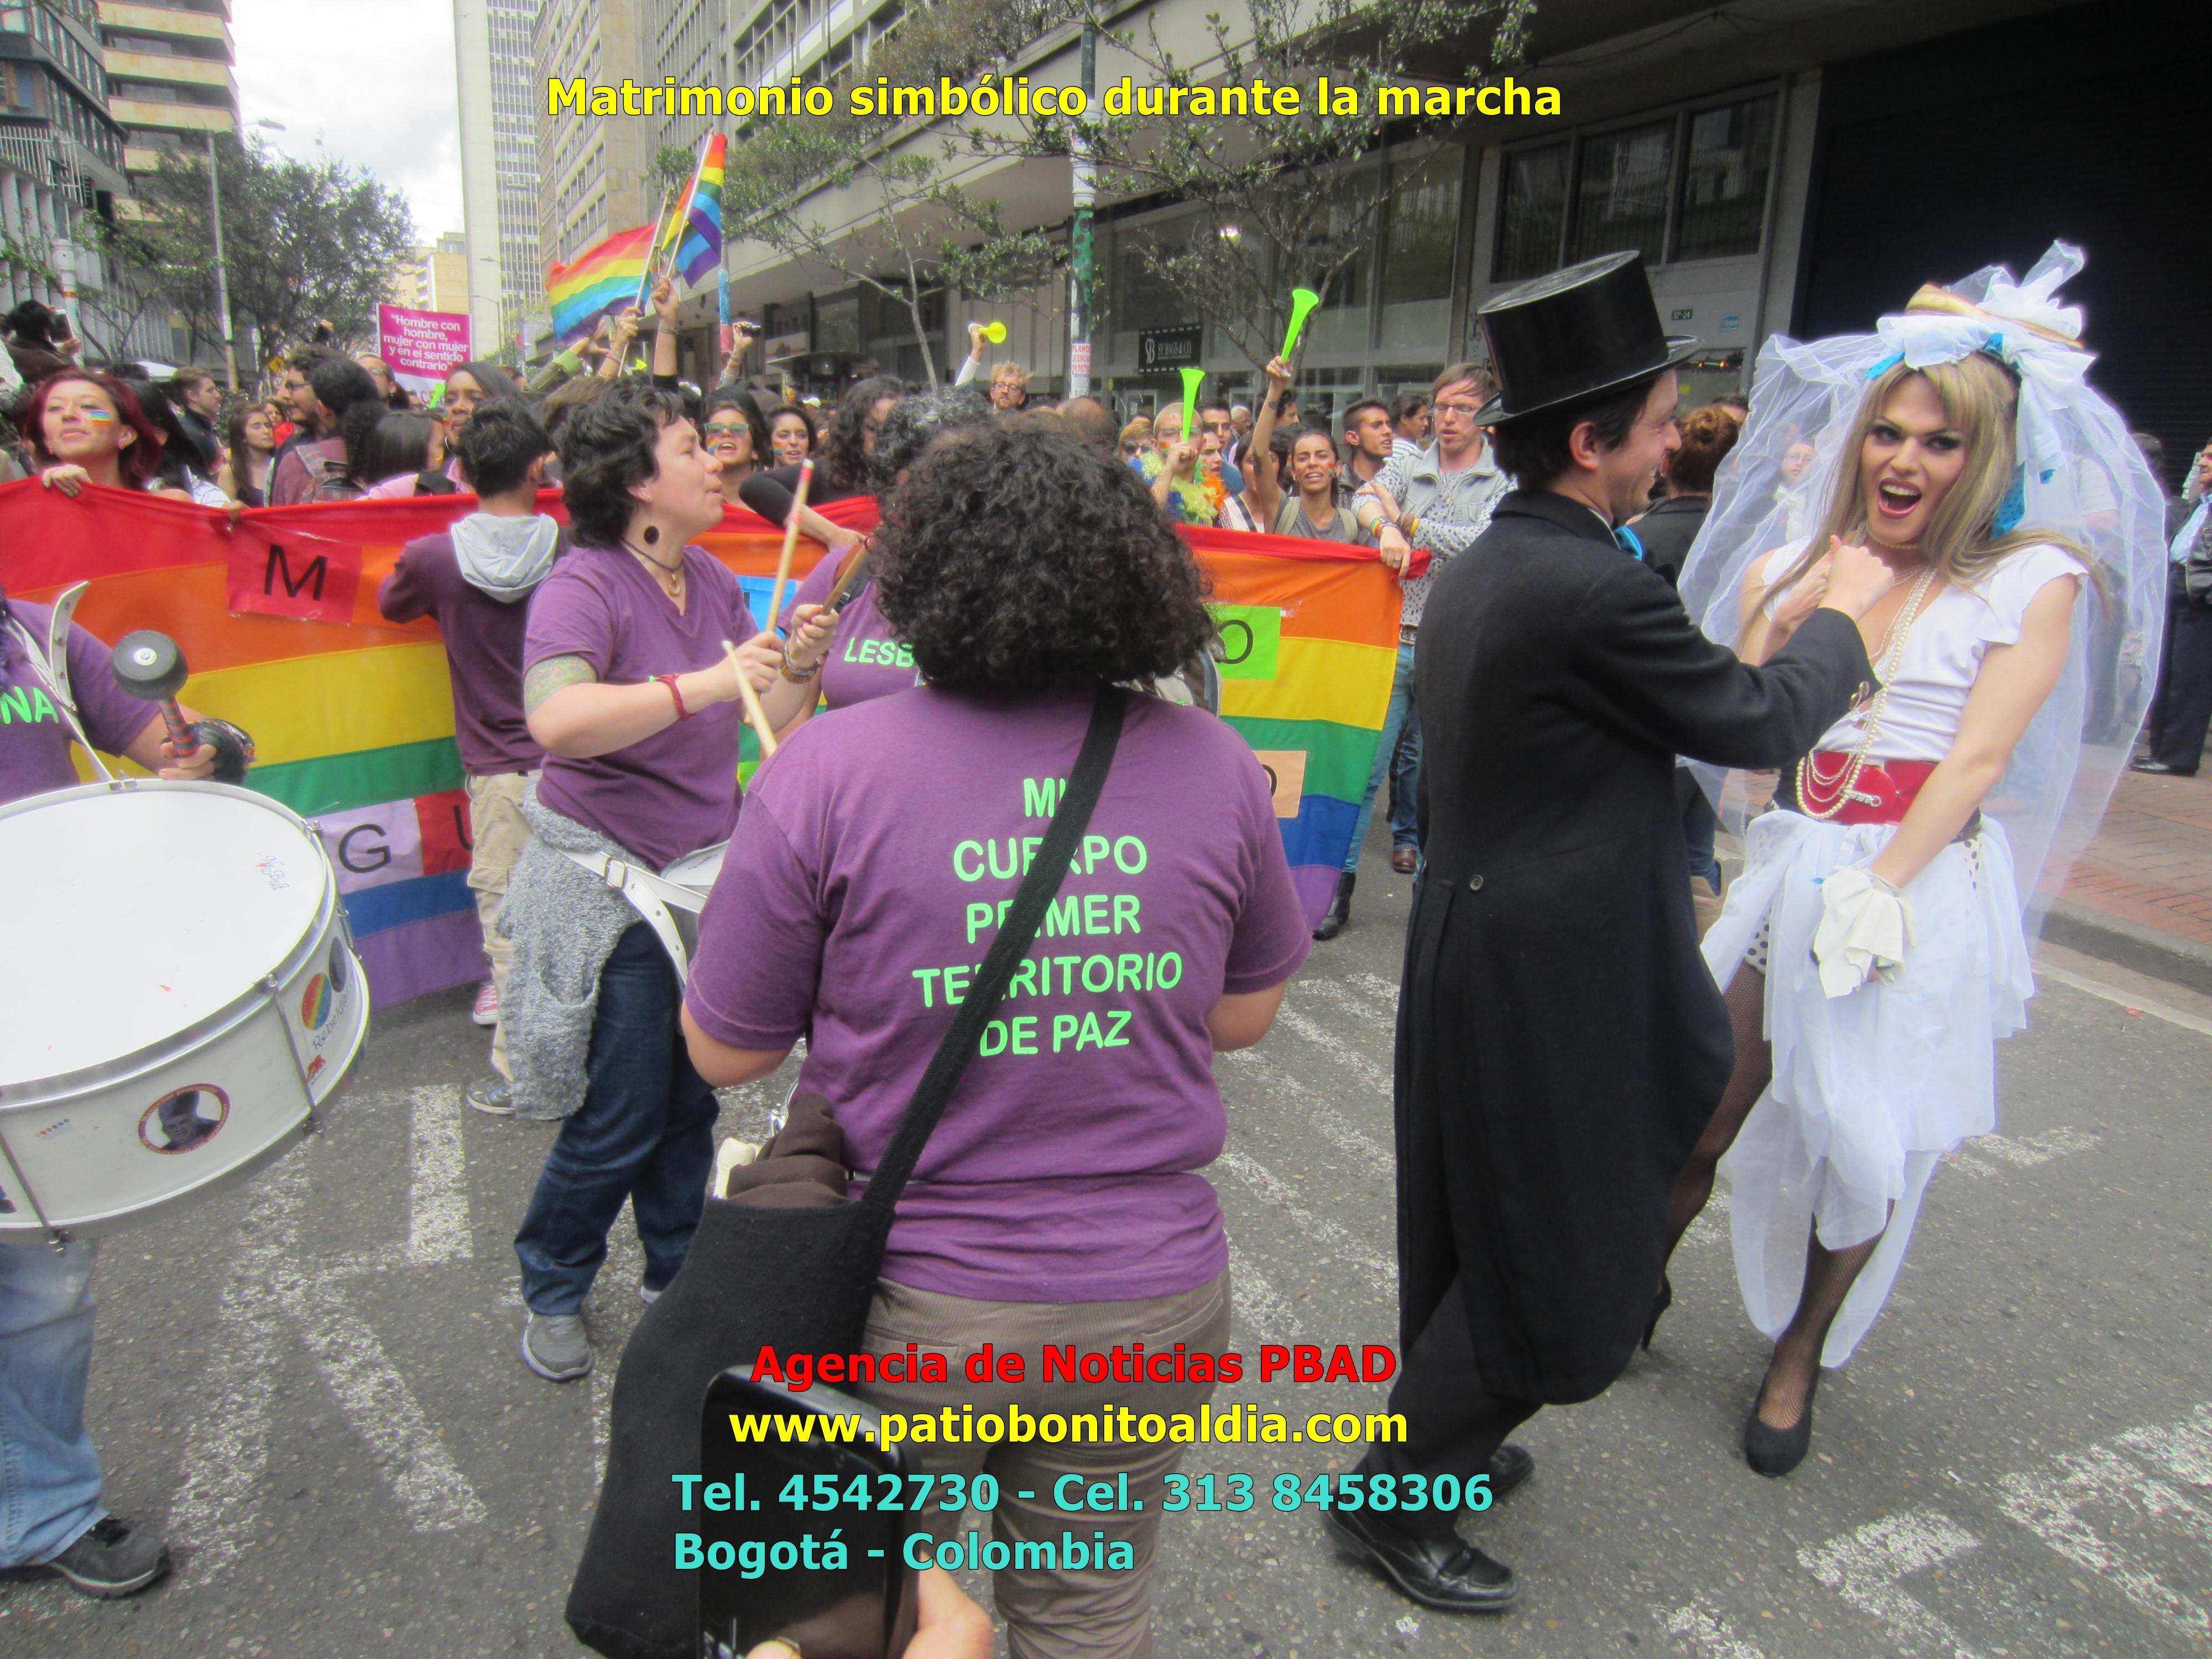 Matrimonio Simbolico Testi : Comunidades lgbti marcharon en defensa de matrimonio